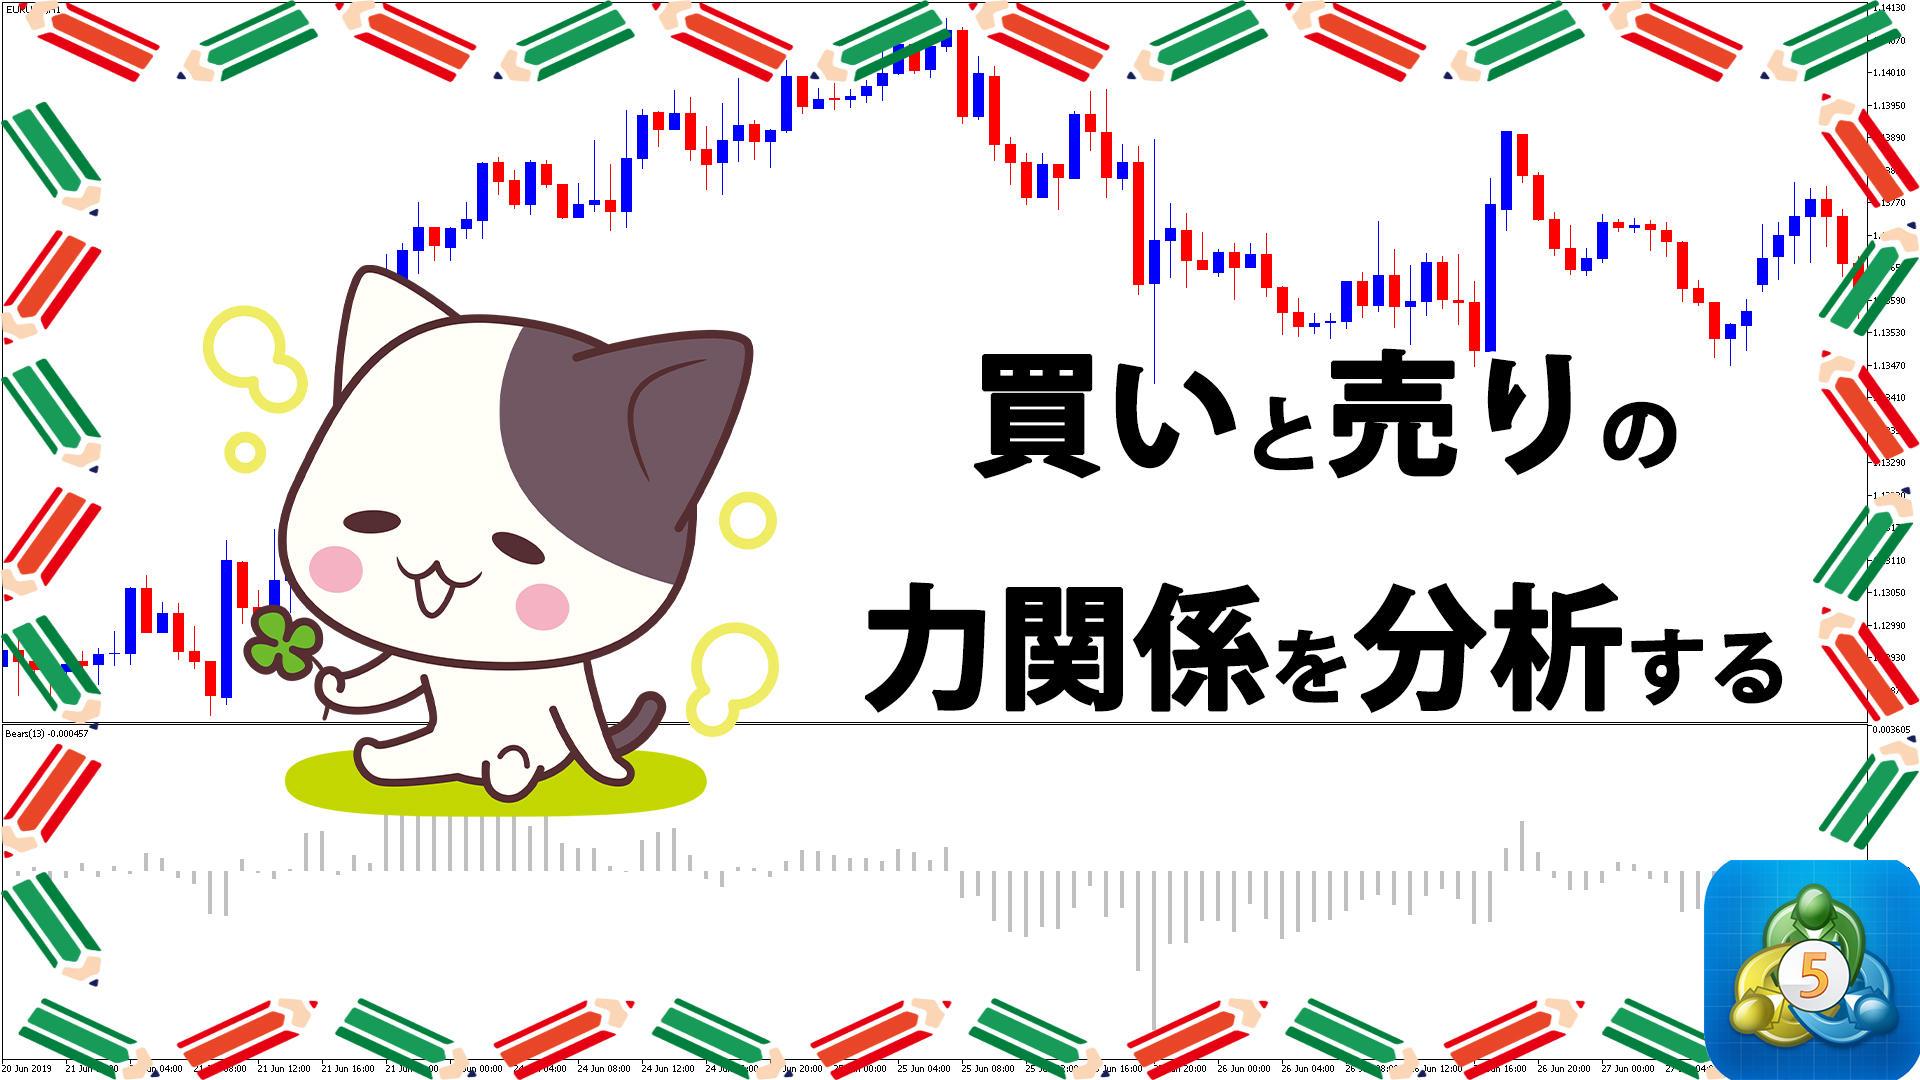 買いと売りの力関係を分析するためのMT5インジケーターを表示する「bears」